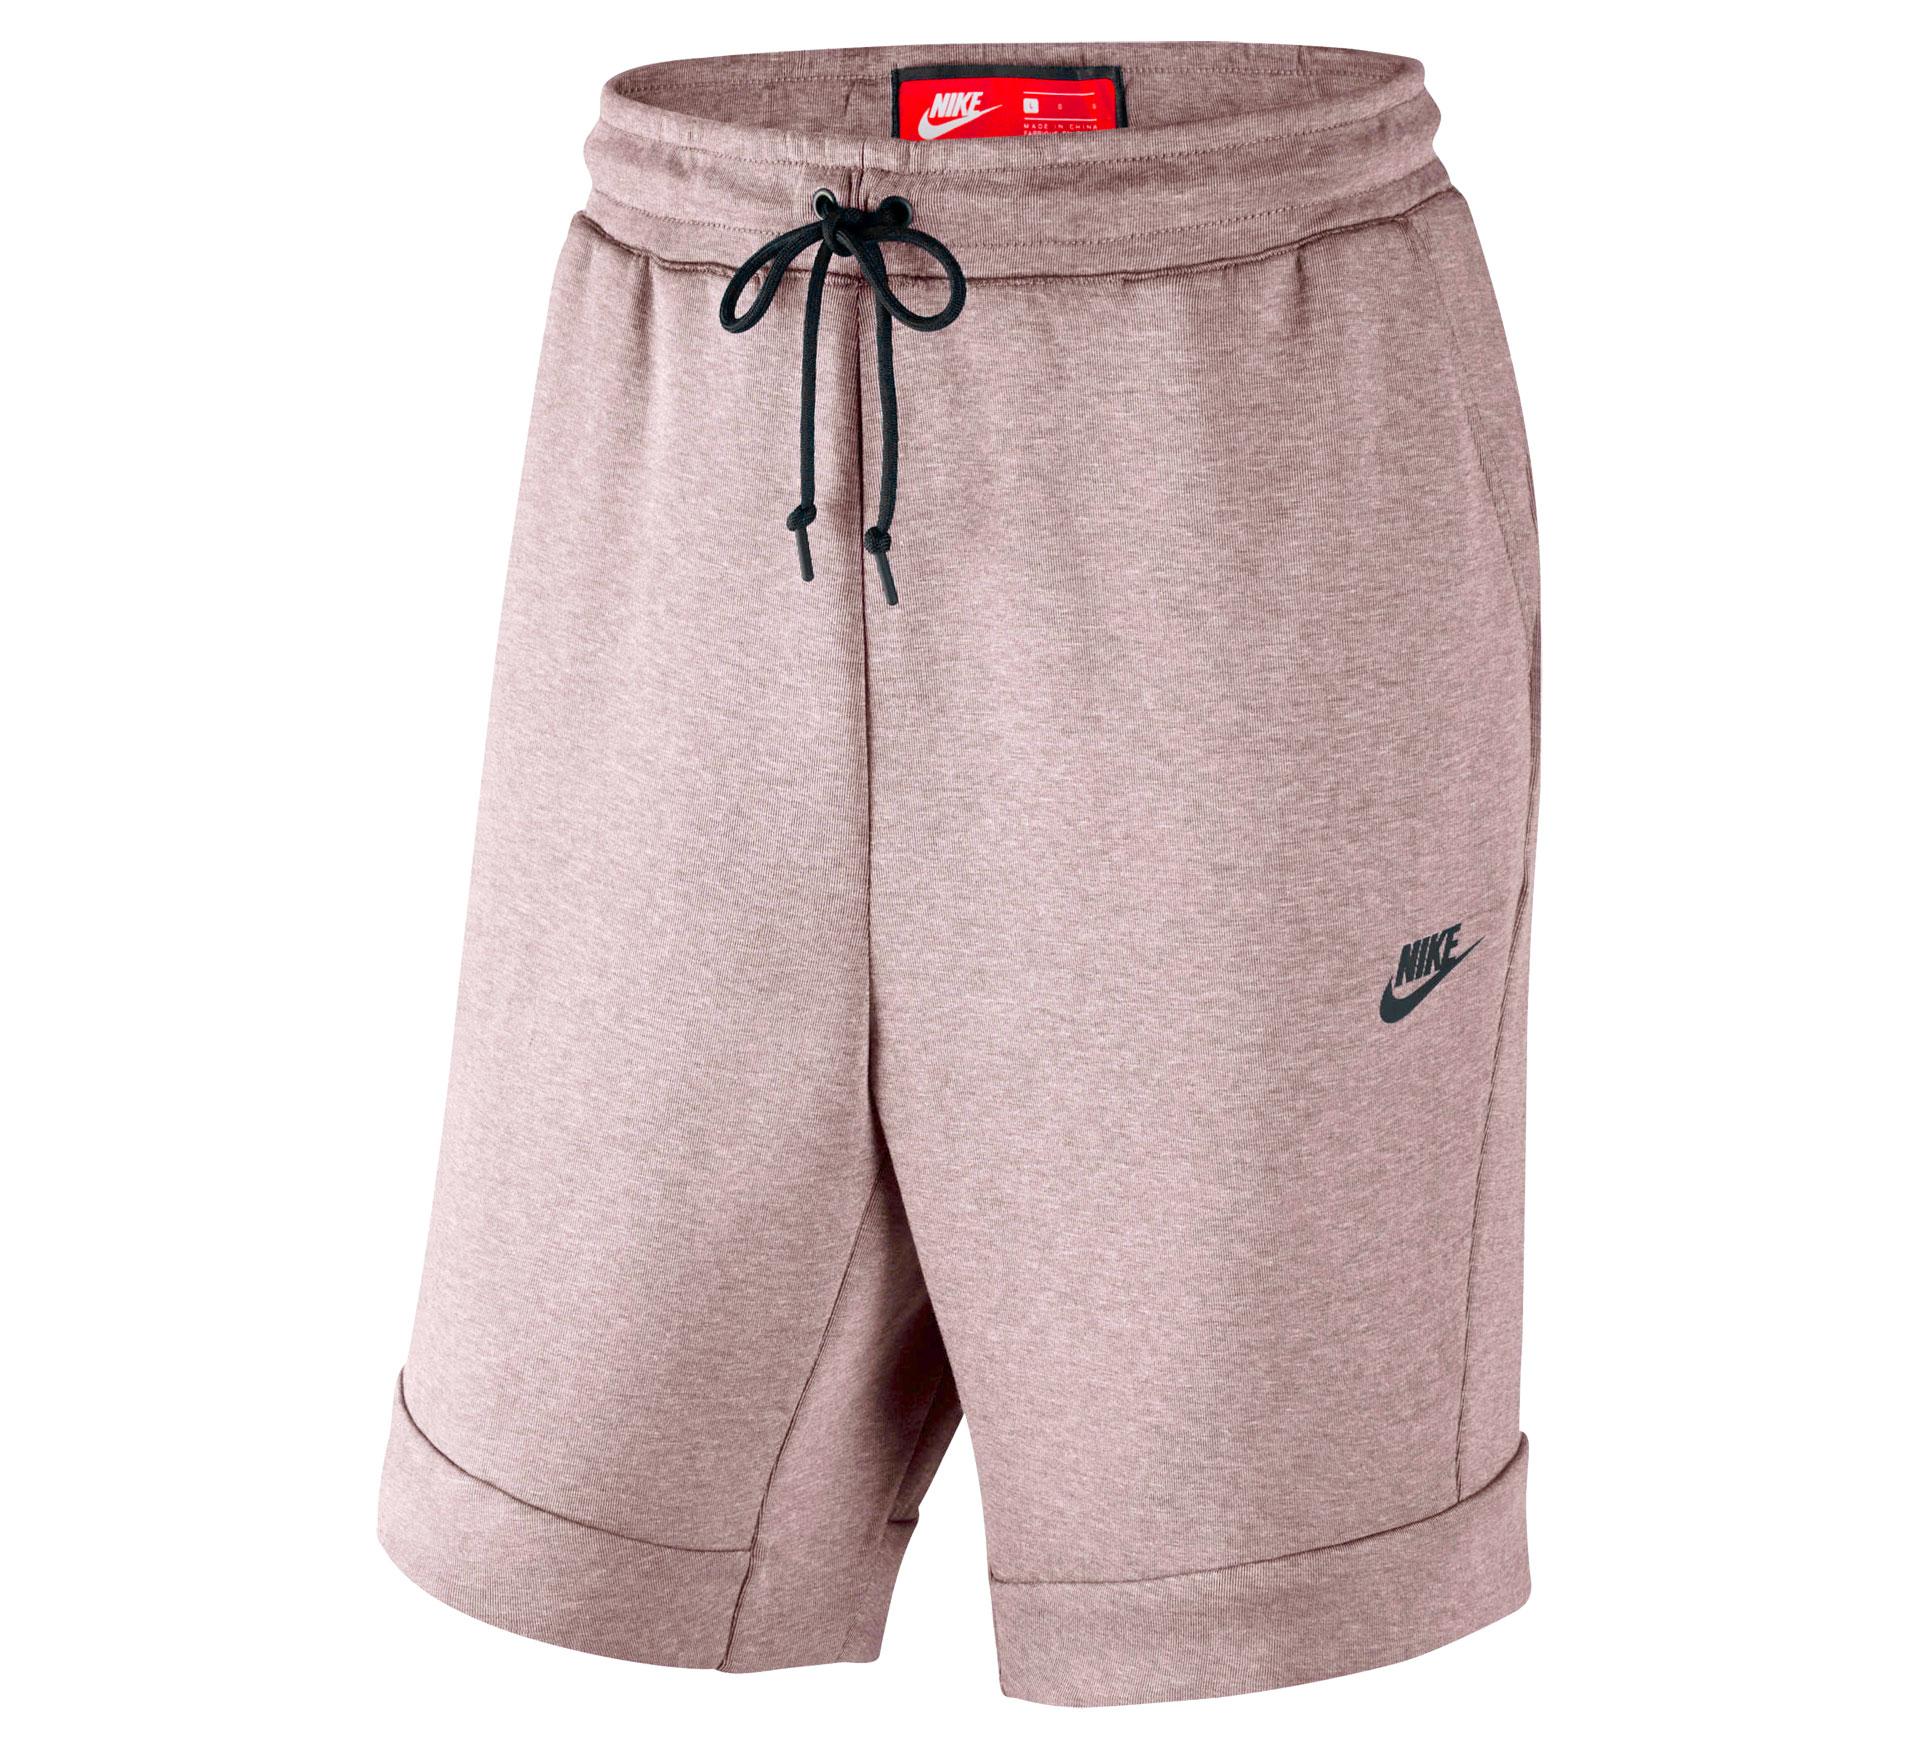 Nike Tech Fleece korte broeken kopen? | BESLIST.nl | Leuke